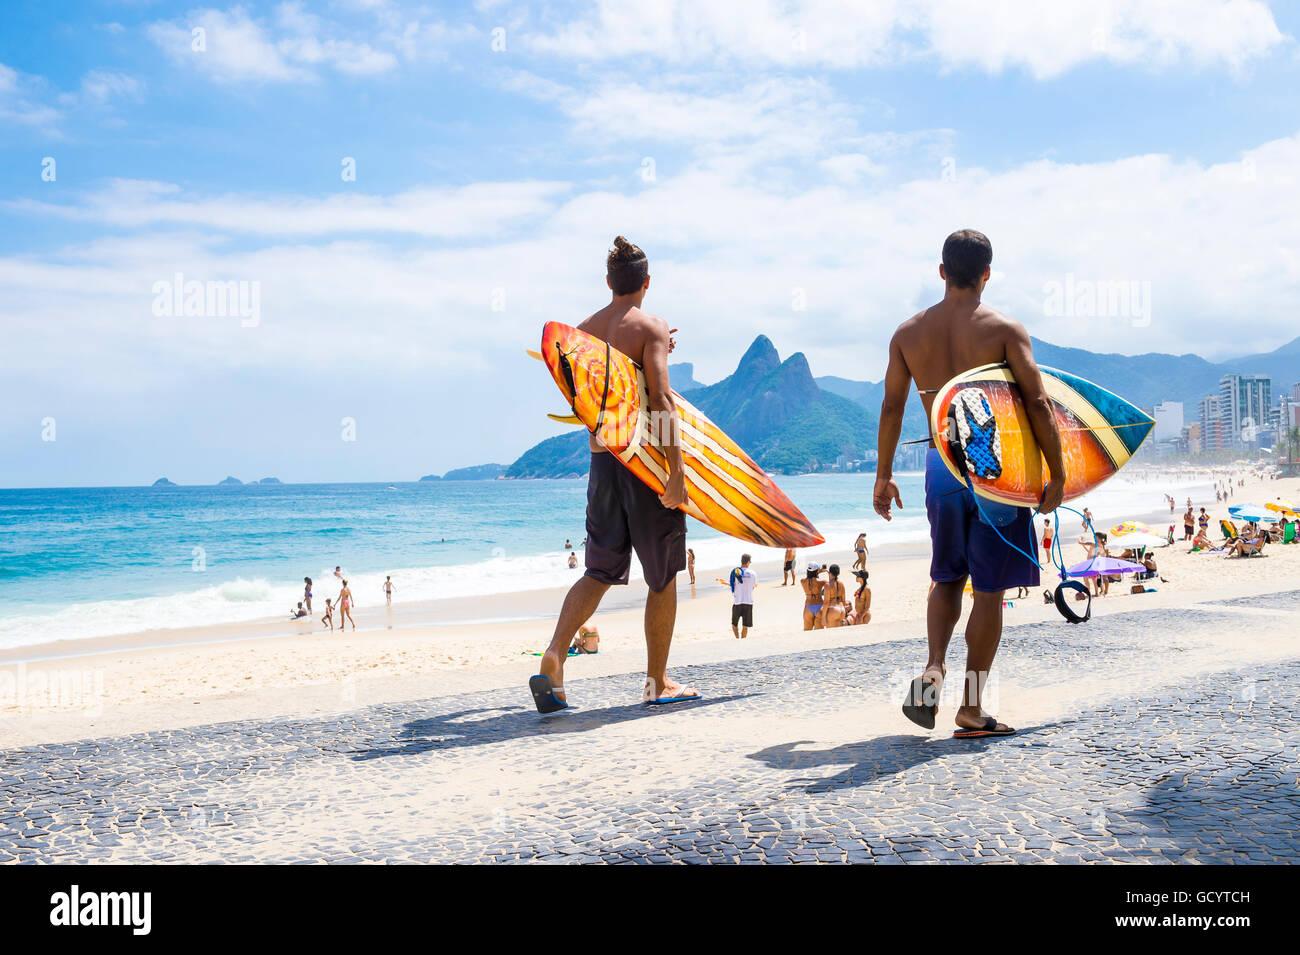 RIO DE JANEIRO - le 3 avril 2016: les jeunes Brésiliens à pied avec carioca de planches de surf Photo Stock